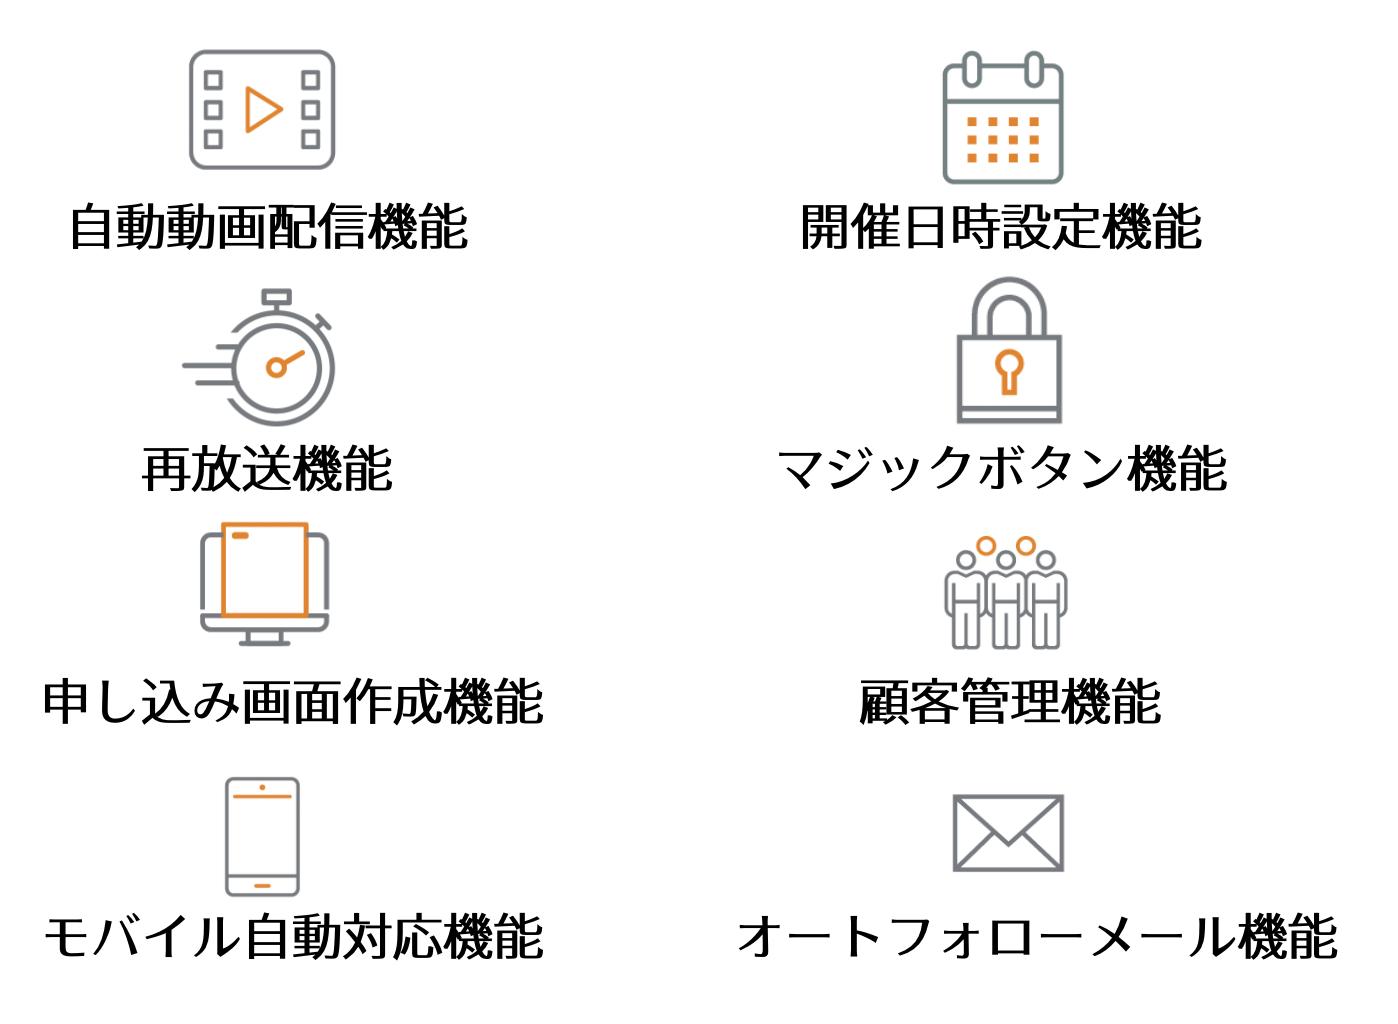 スクリーンショット 2020-10-01 23.58.01